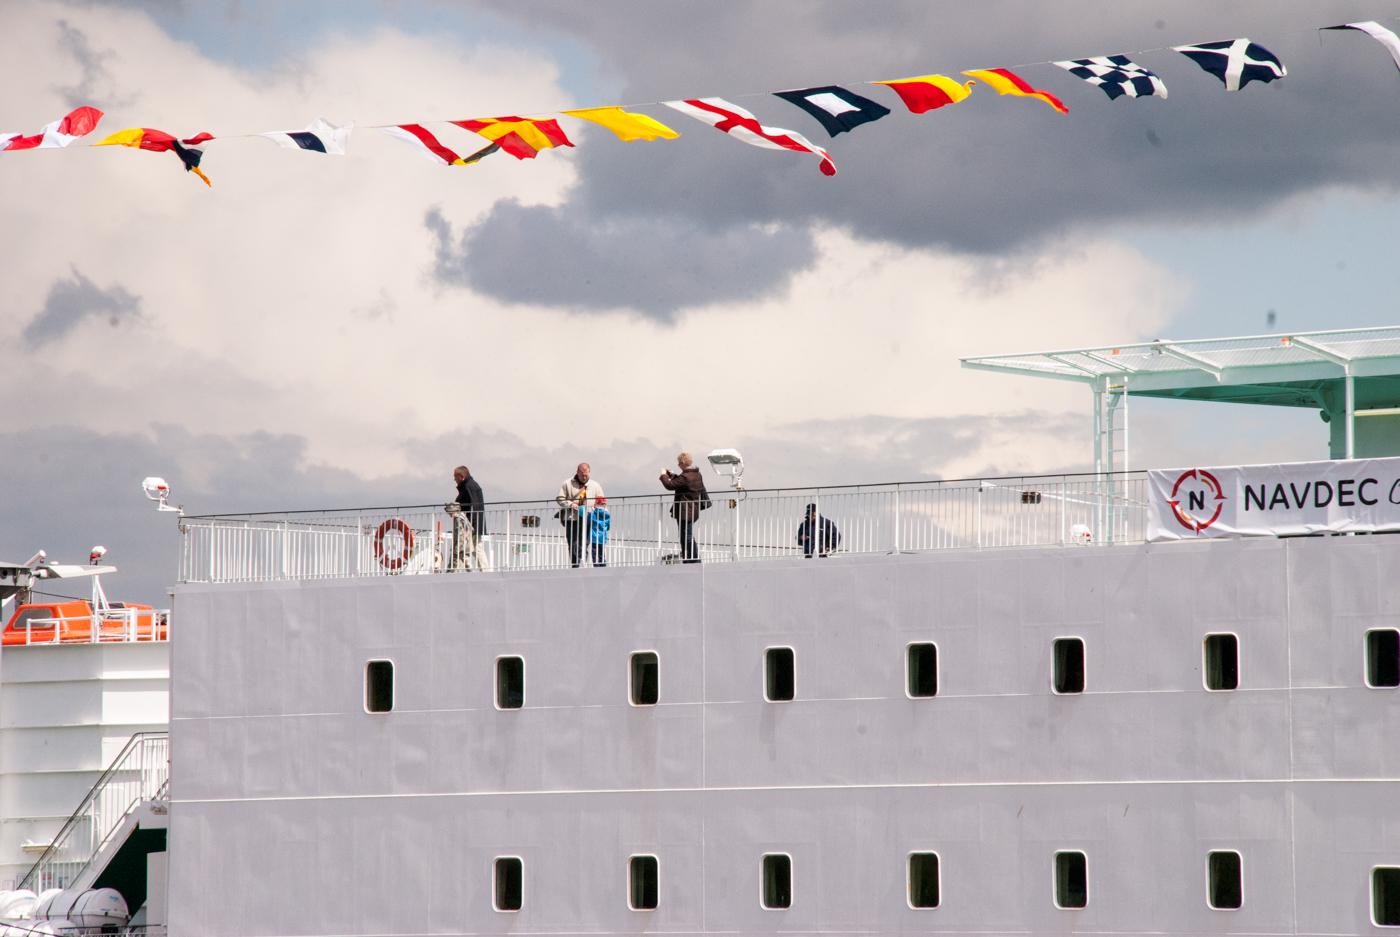 Mam nadzieję, że będzie jeszcze okazja zobaczyć tak duży statek na Wałach Chrobrego